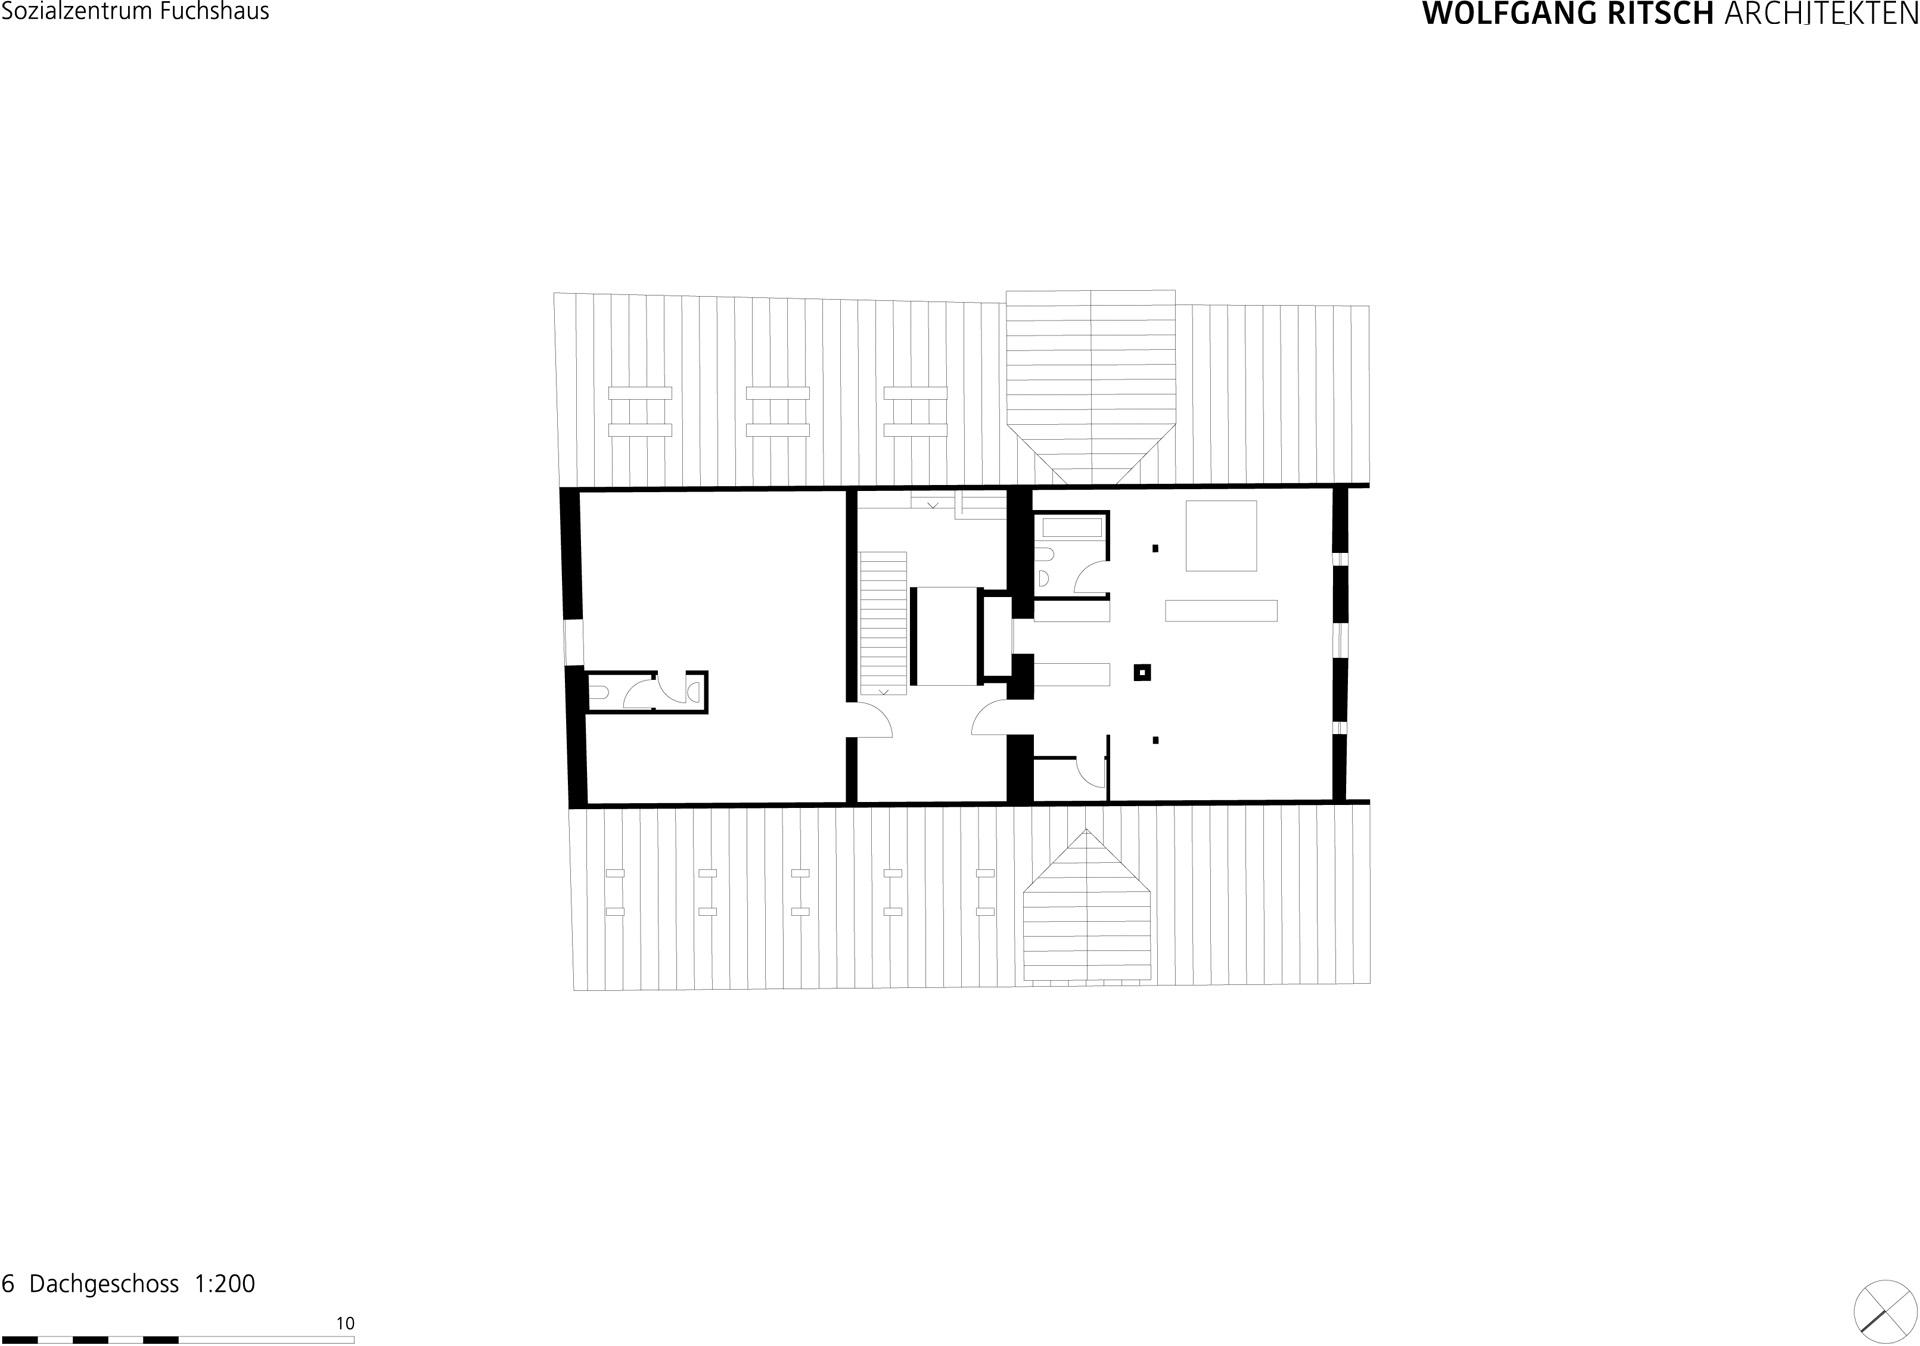 X:PROJEKTE70002750 Fuchshaus2-PUBLIPLAN20-dwg906_Dachgesch